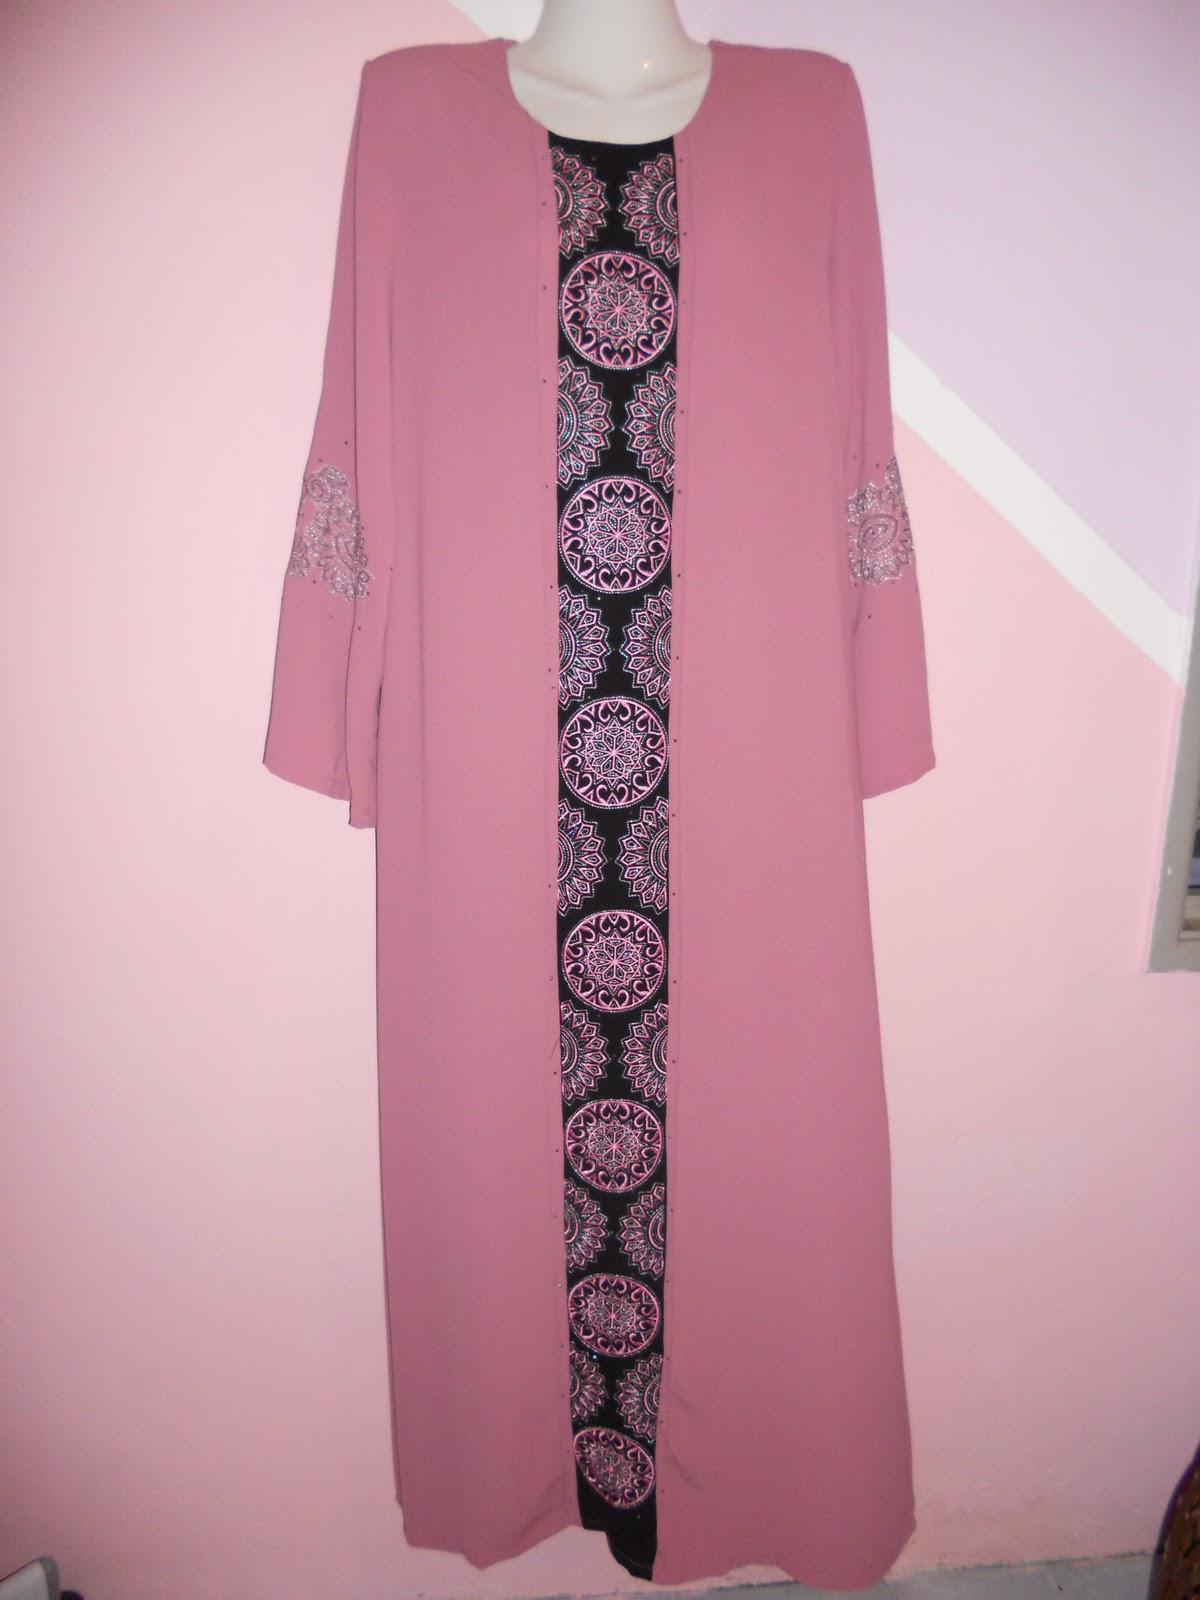 Koleksi Jubah Muslimah